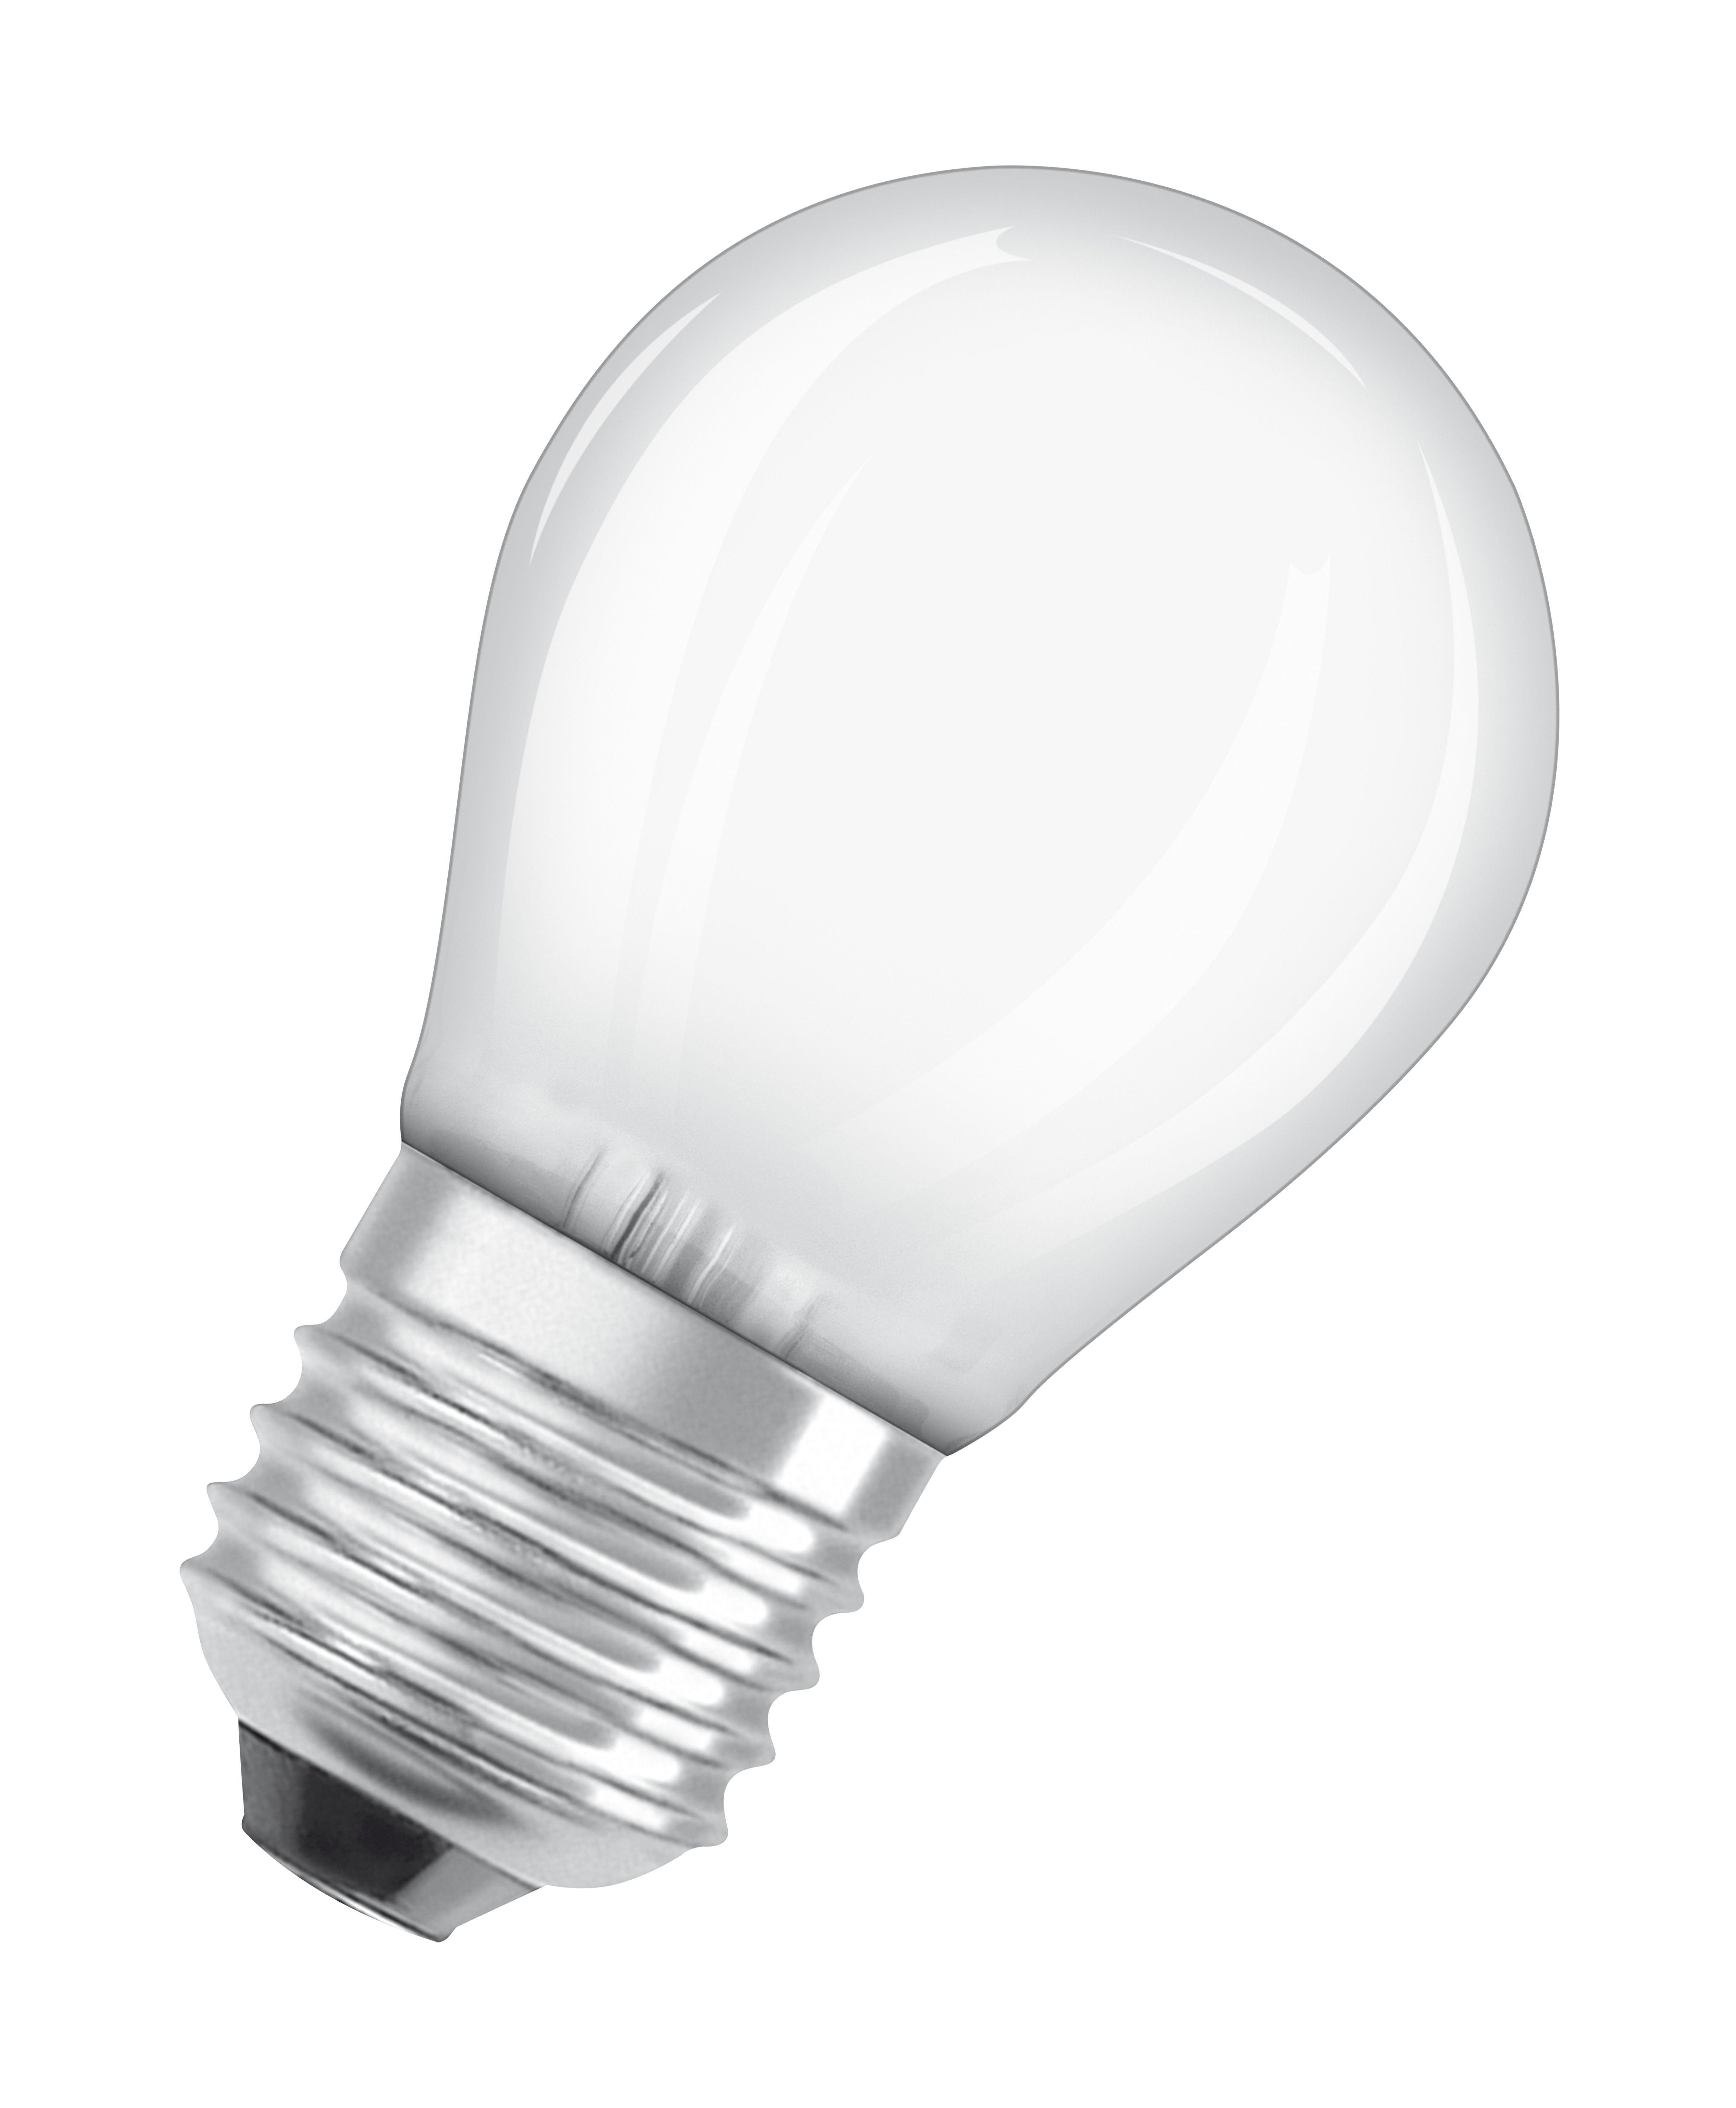 Купить Лампа светодиодная Osram LS CLP40 5, 4W/830 230VFR E27 10X1RUOSRAM теплый-белый, , Osram Ledvance